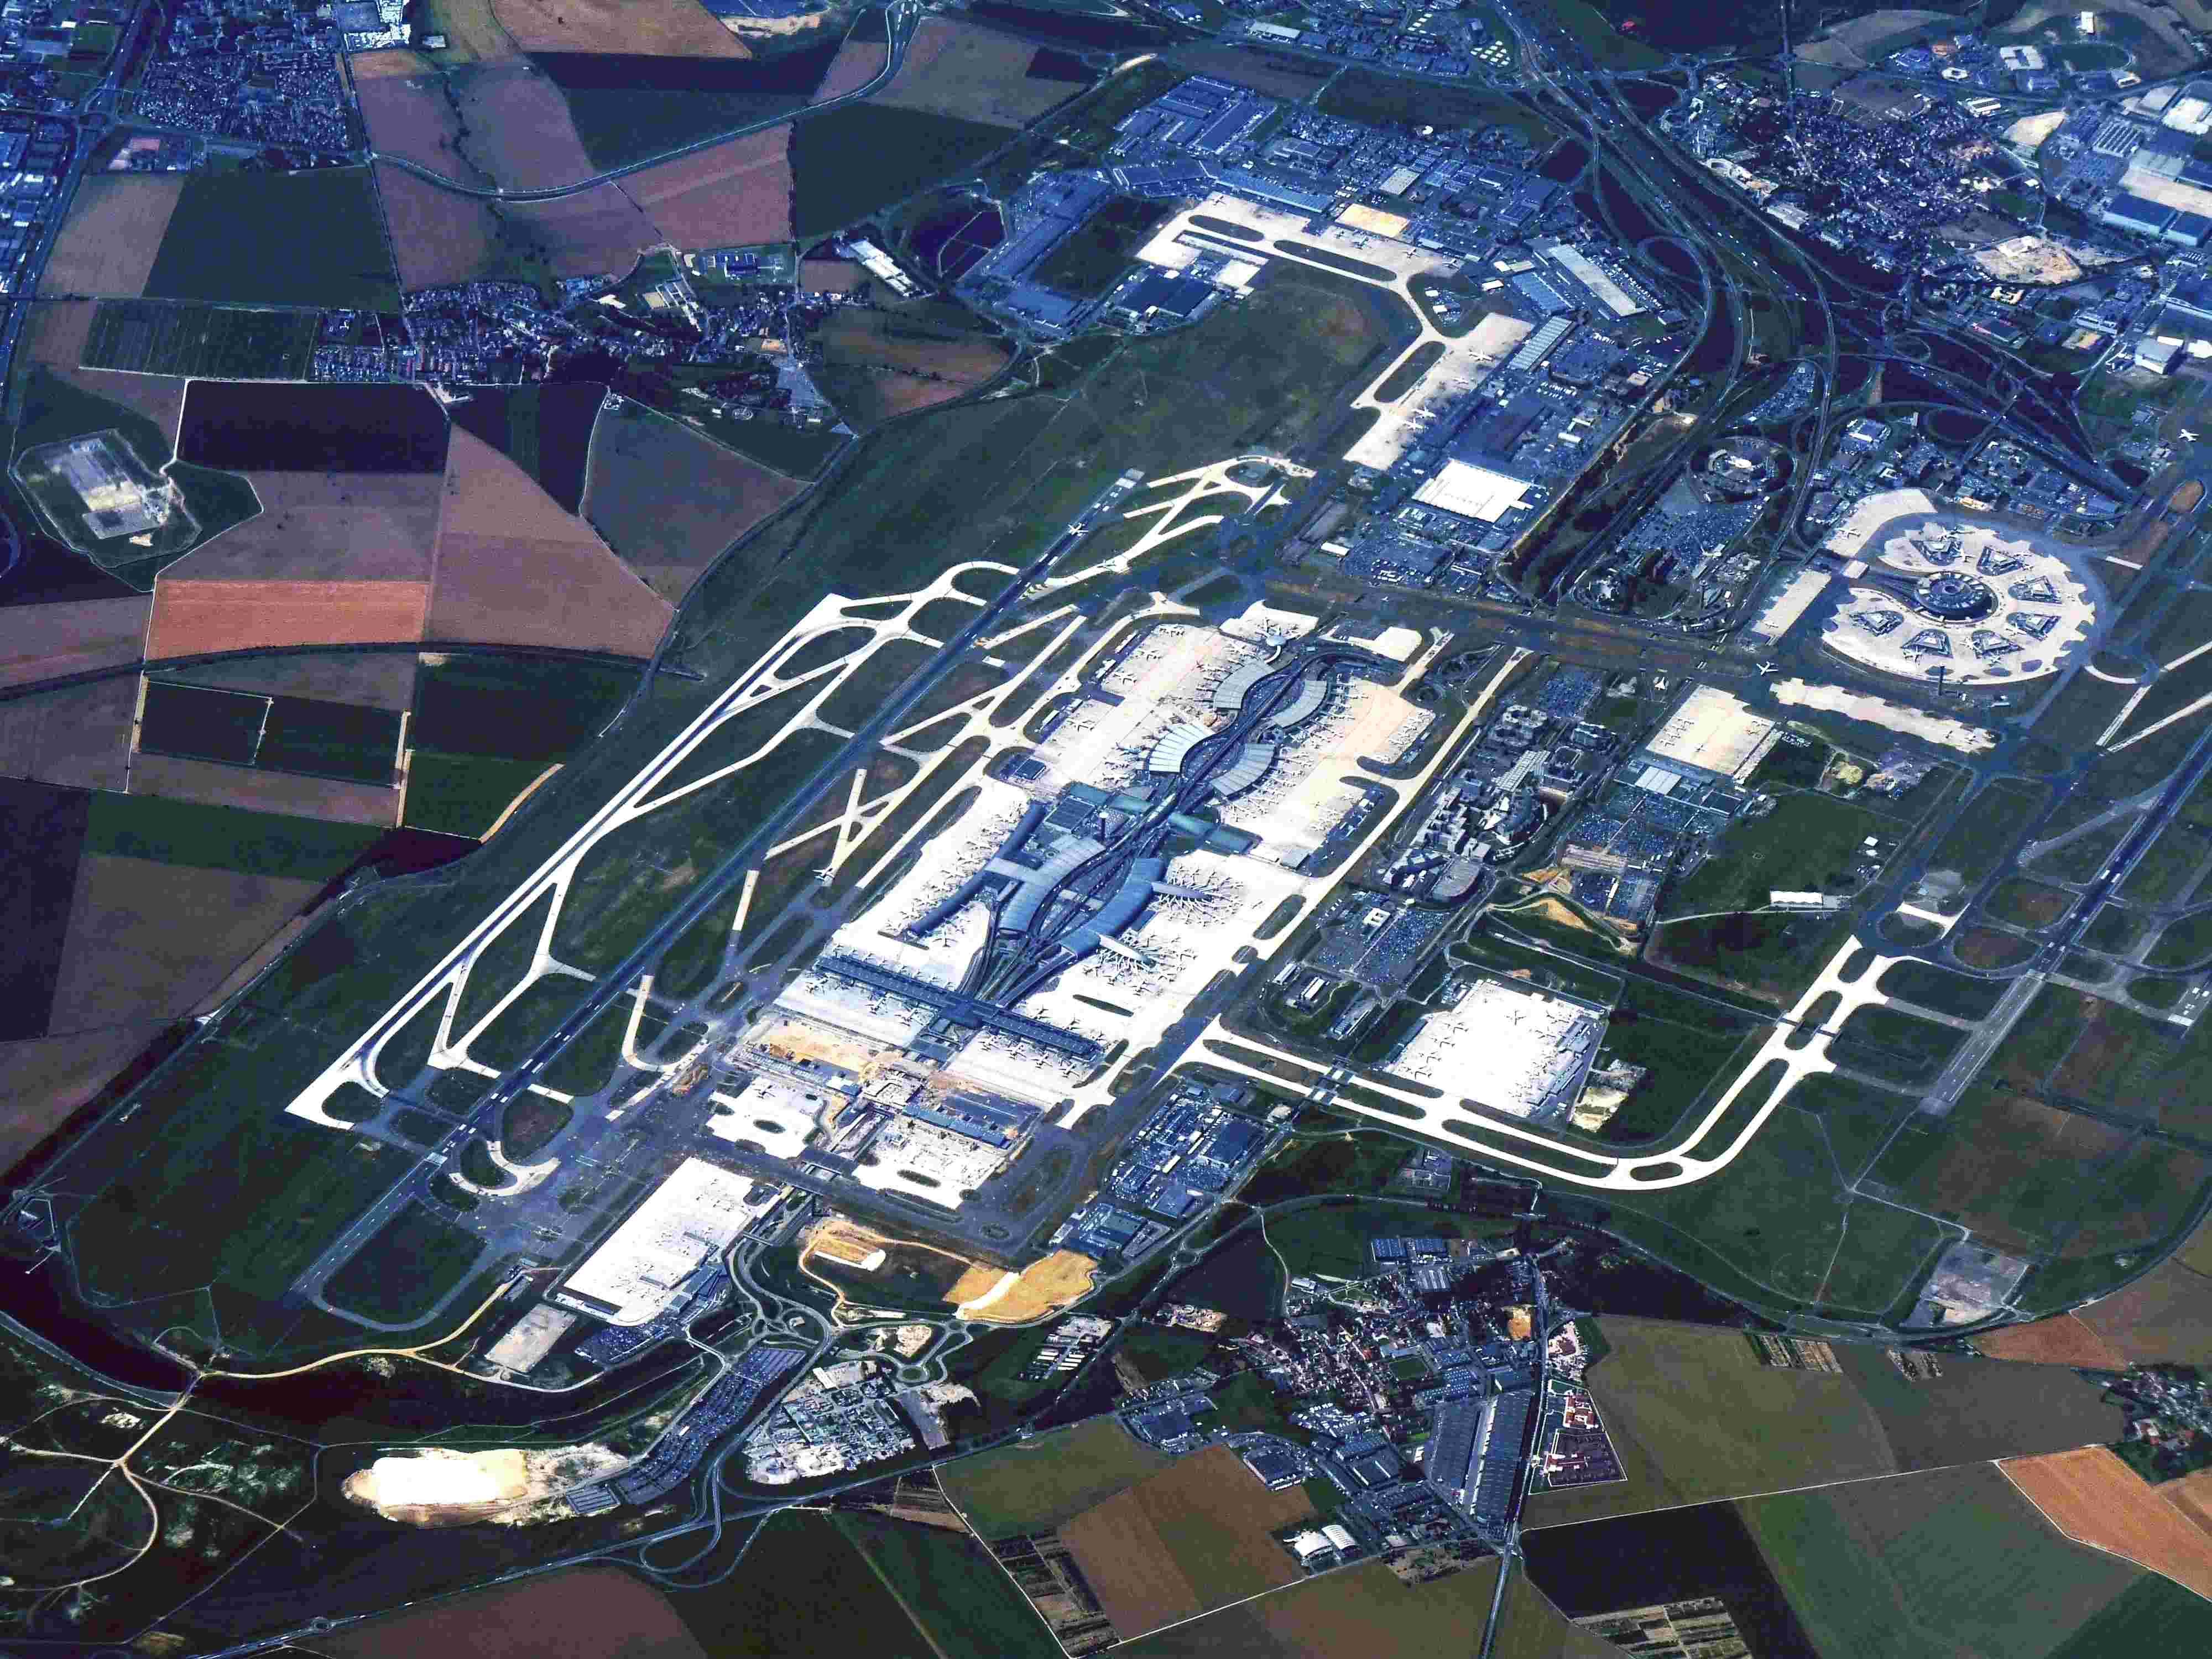 Aéroport de Roissy vue aérienne